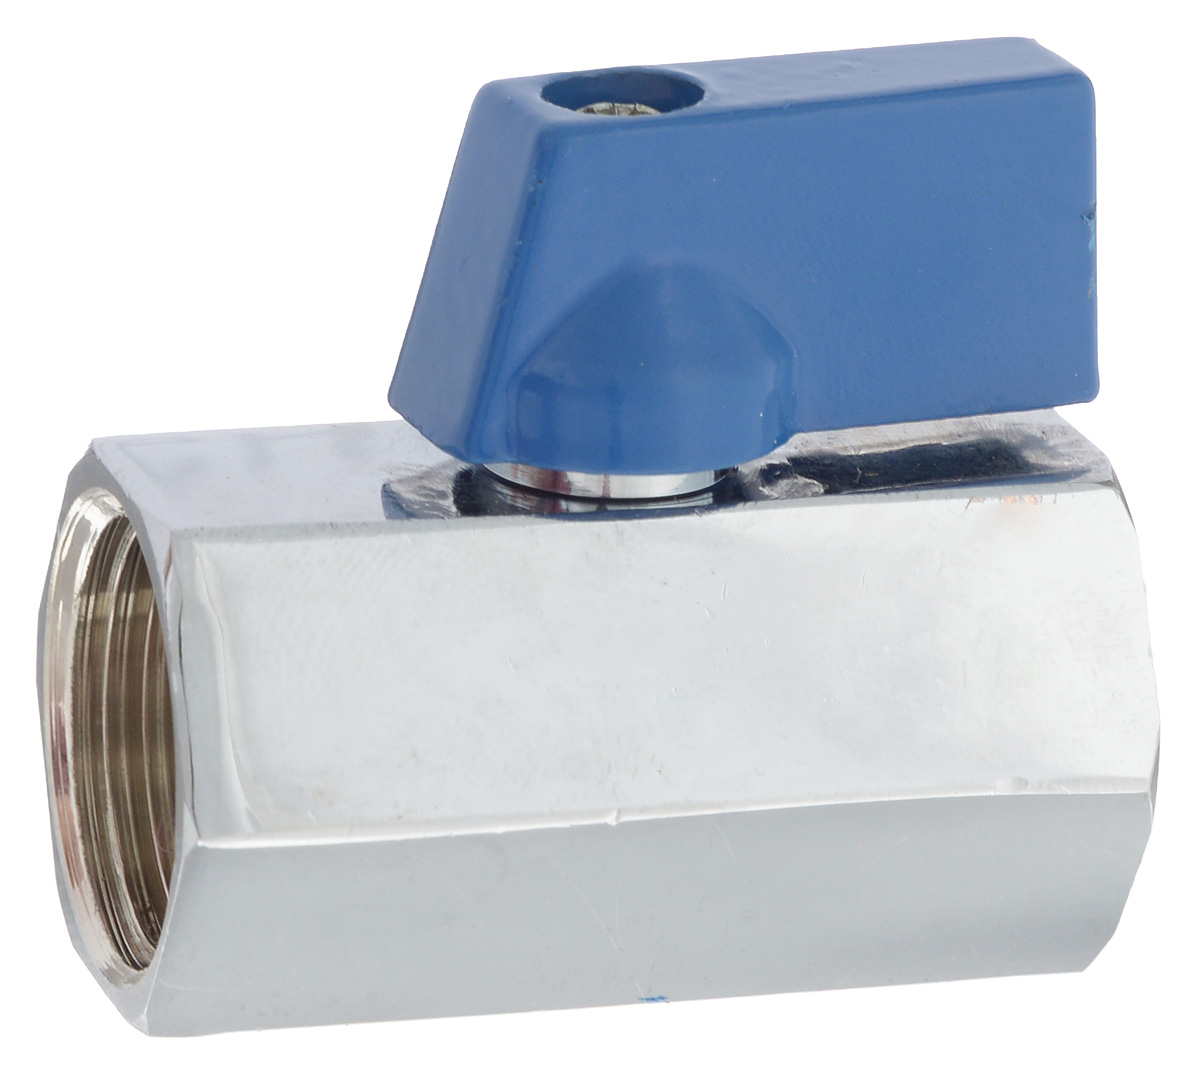 Кран шаровой миний U-tec Best, 1/2UTV2203.C 02/BШаровой кран U-tec Best изготовлен из латуни и предназначен для установки на трубопроводах в качестве запорного устройства. Используется при работе с водой или паром. Поворотный механизм крана имеет пластиковую ручку.